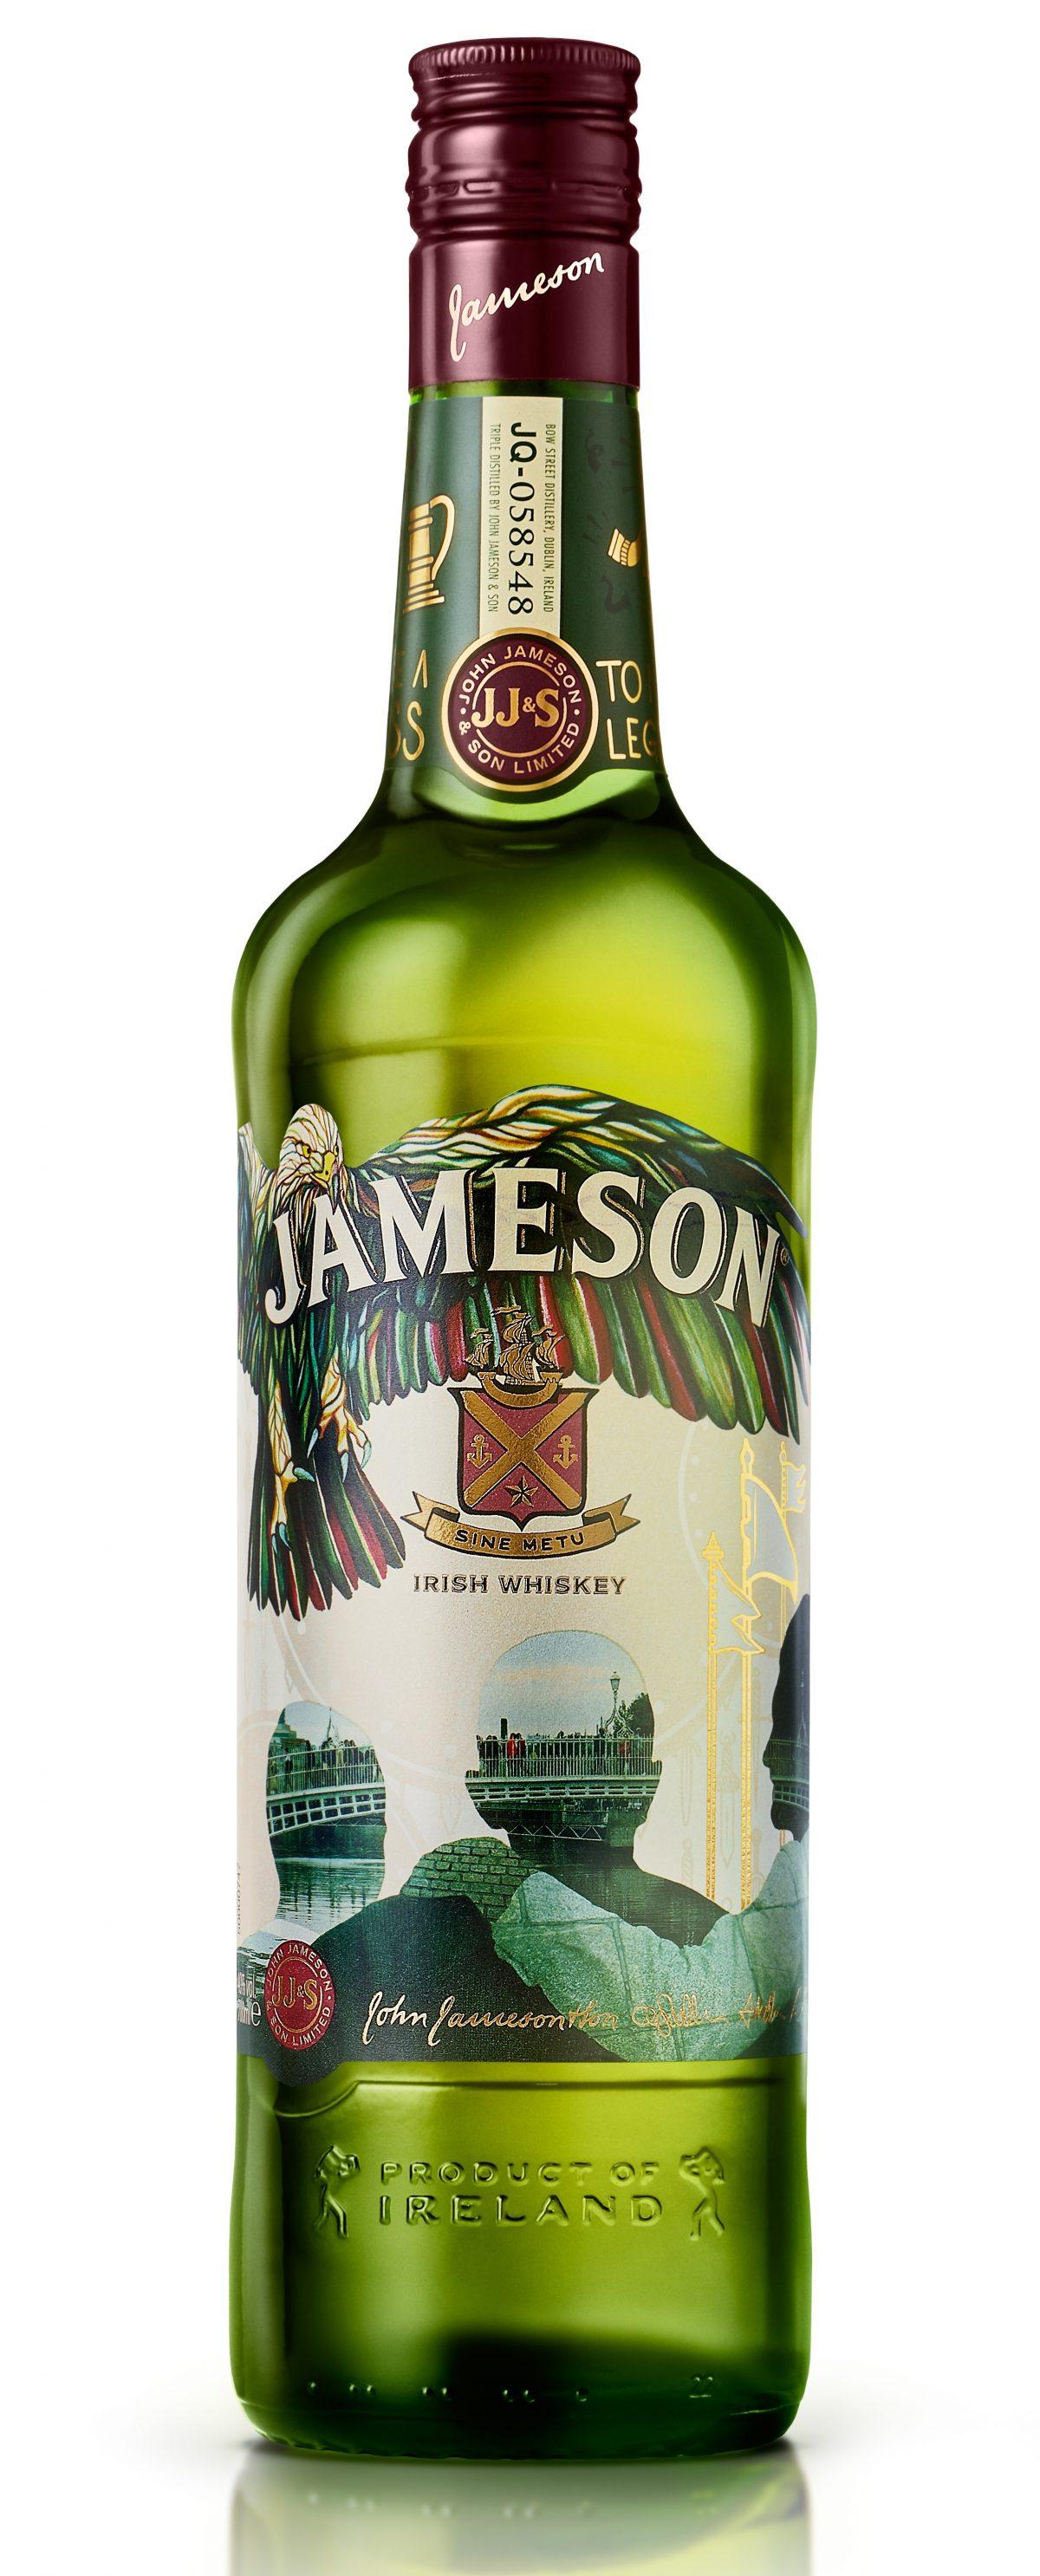 Limitovaná edice whisky Jameson pro letošní rok. Foto: Eoin Holland